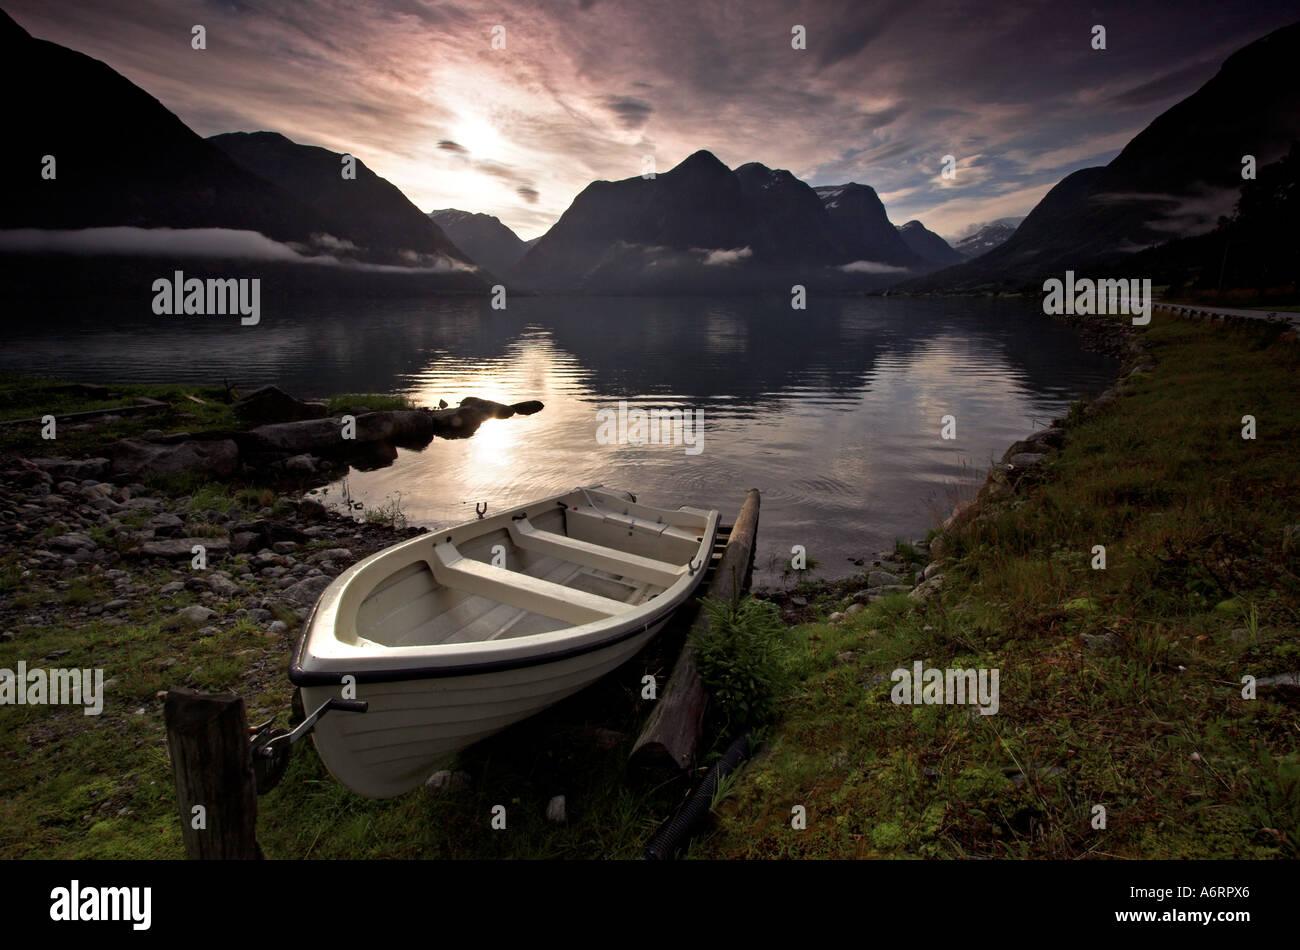 Un petit bateau attachés sur les rives d'un fjord norvégien. Traînée de bas nuage flottant sur les eaux calmes Photo Stock